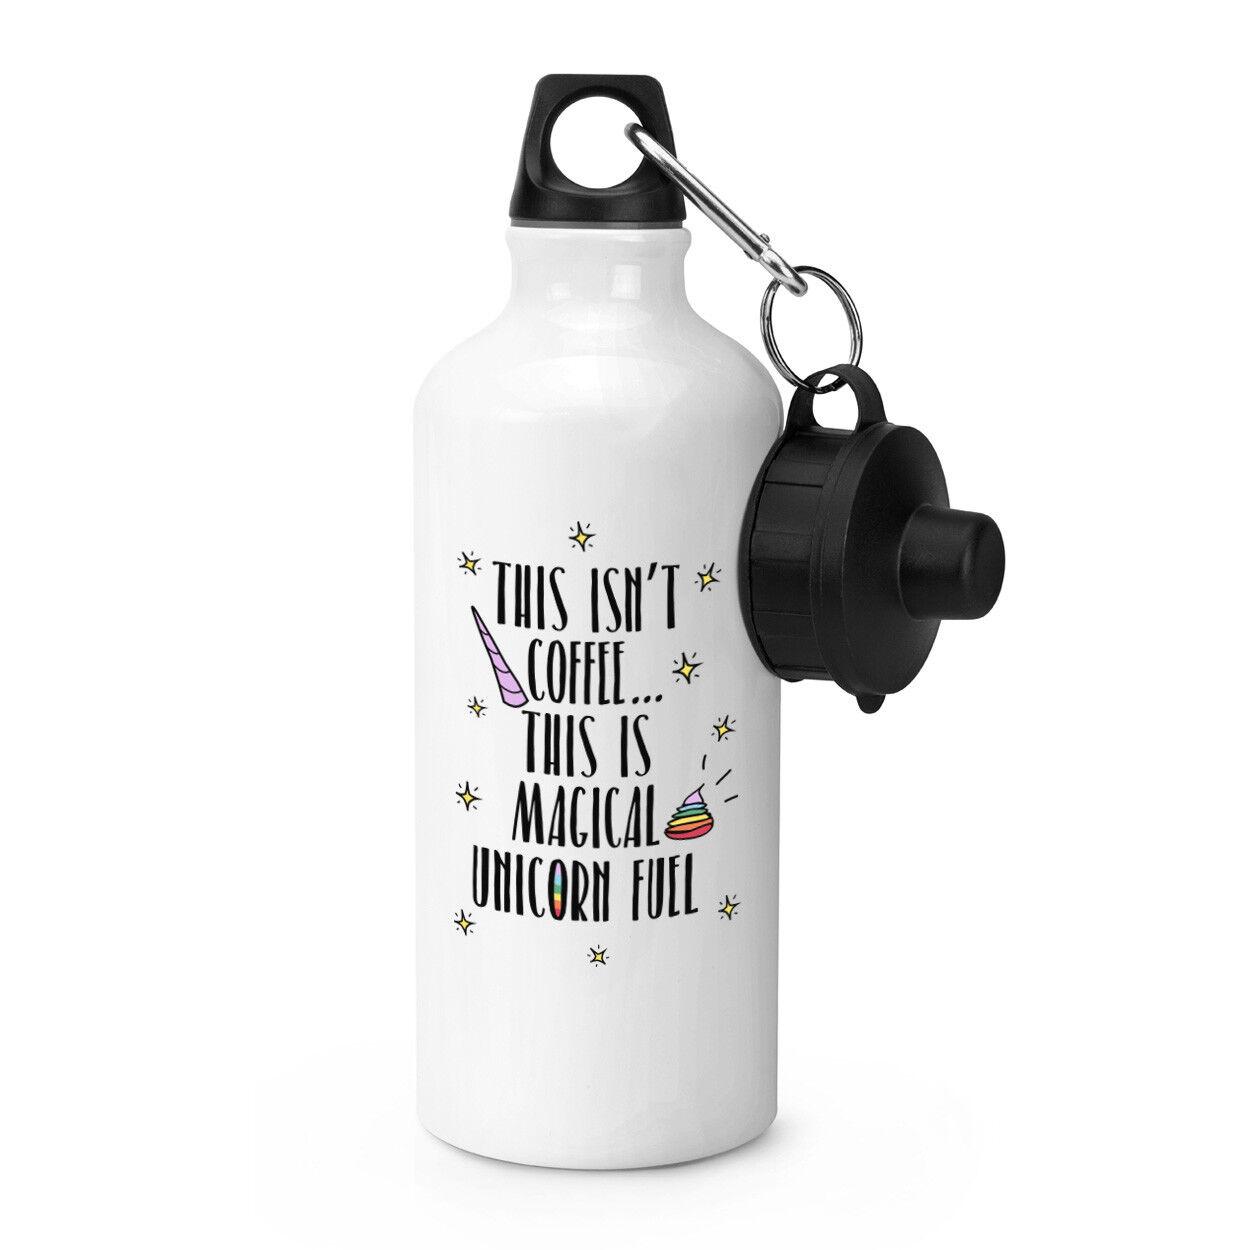 Ce n'est pas café c'est Licorne carburant Sports boissons bouteille bouteille bouteille d'eau 8fddad